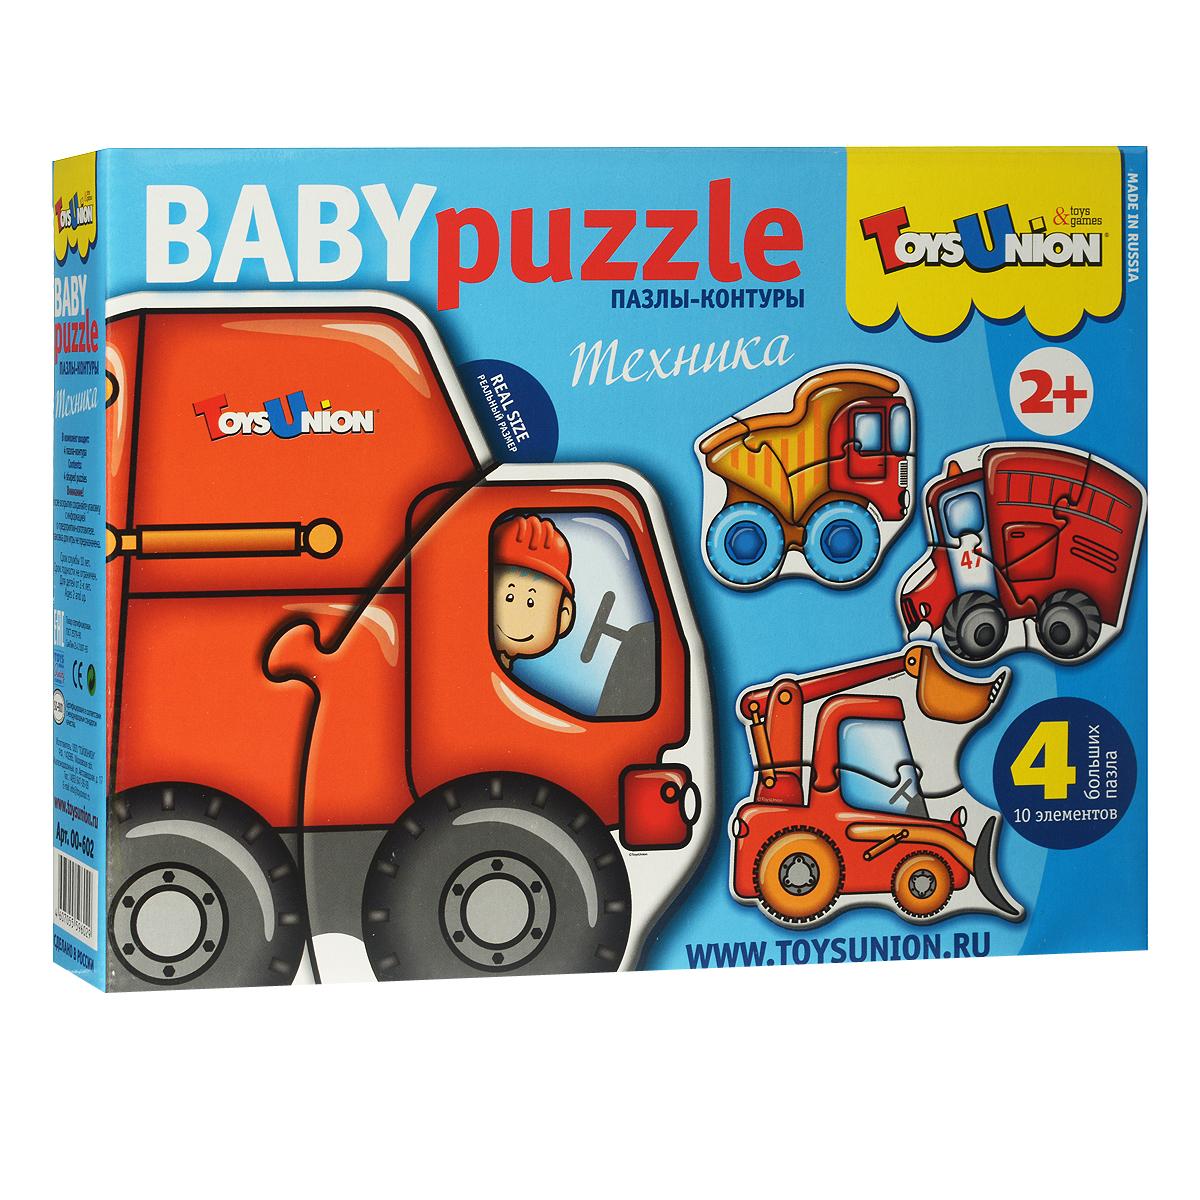 Пазл ToysUnion Техника, фигурный, 4 в 1тю00-602Пазлы-контуры ToysUnion Техника - это увлекательная игра-головоломка, помогающая развивать у ребенка воображение, пространственное восприятие, память. Пазлы предназначены специально для маленьких детей. Малышу будет удобно брать крупные элементы в руки и самостоятельно собирать картинки. В комплект входит 10 картонных элементов, из которых можно собрать 4 картинки с изображениями городской дорожной техники. Процесс собирания пазлов способствует развитию не только образного, но и логического мышления, произвольного внимания, восприятия. В частности, различению отдельных элементов по цвету, форме, размеру и т. д. Процесс собирания пазлов учит правильно воспринимать связь между частью и целым. Веселые и добрые картинки, крупные детали, выполненные из высококачественного и экологически чистого материала, доставят вашему ребенку радость и помогут познать окружающий мир.